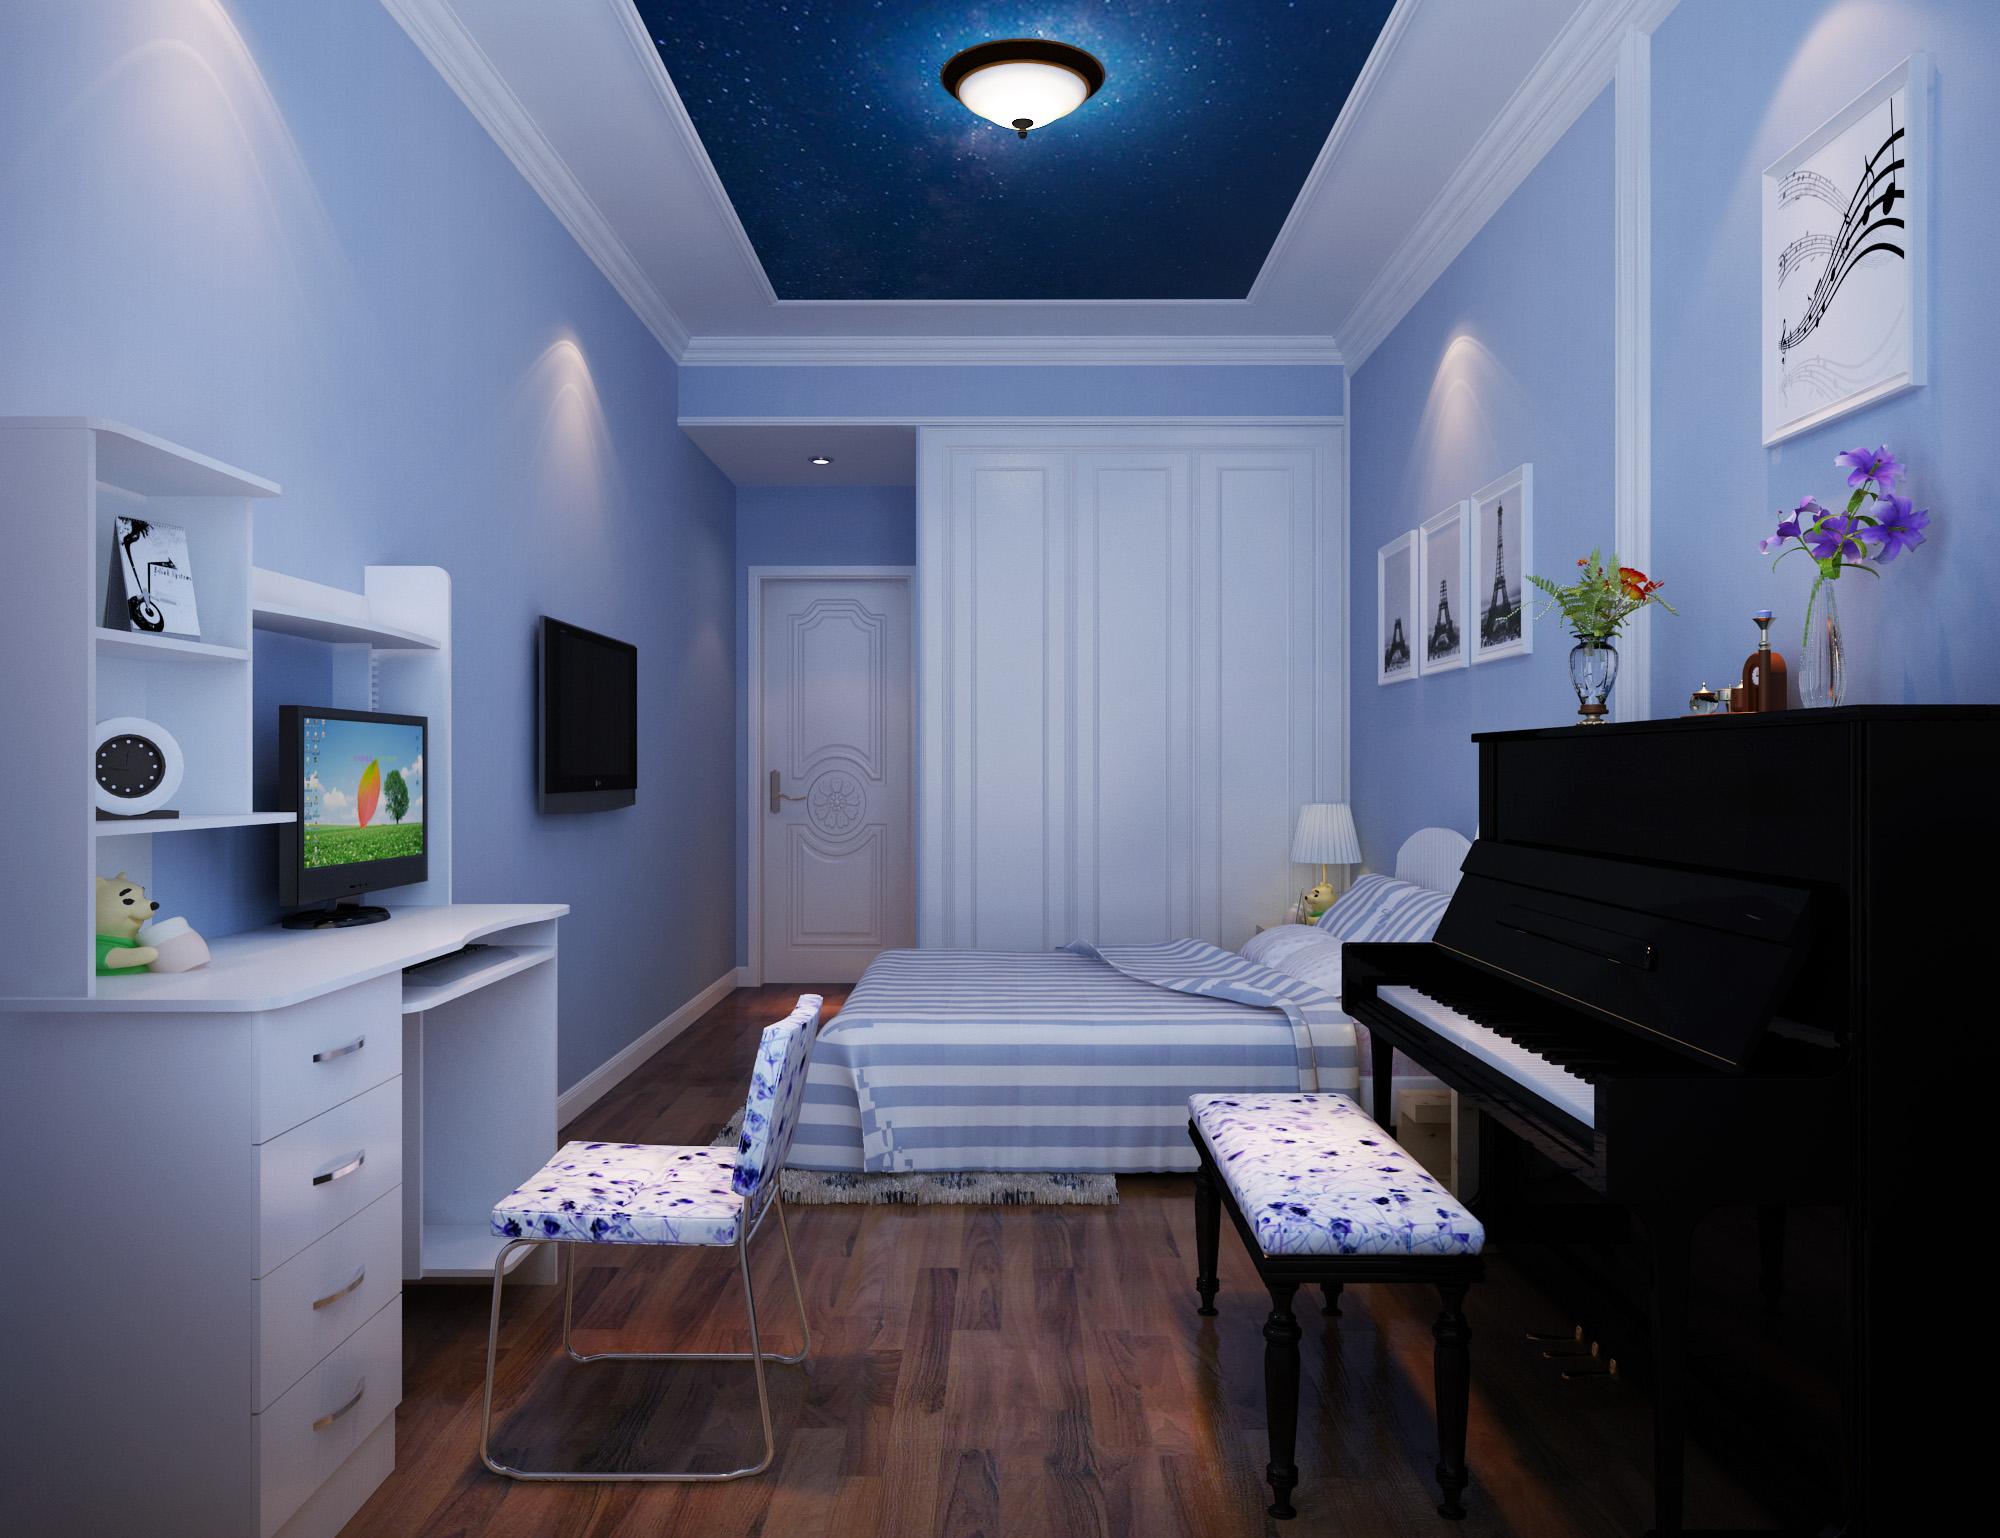 欧式 三居 卧室图片来自北京今朝装饰刘在纳帕澜郡经典三居简欧设计的分享